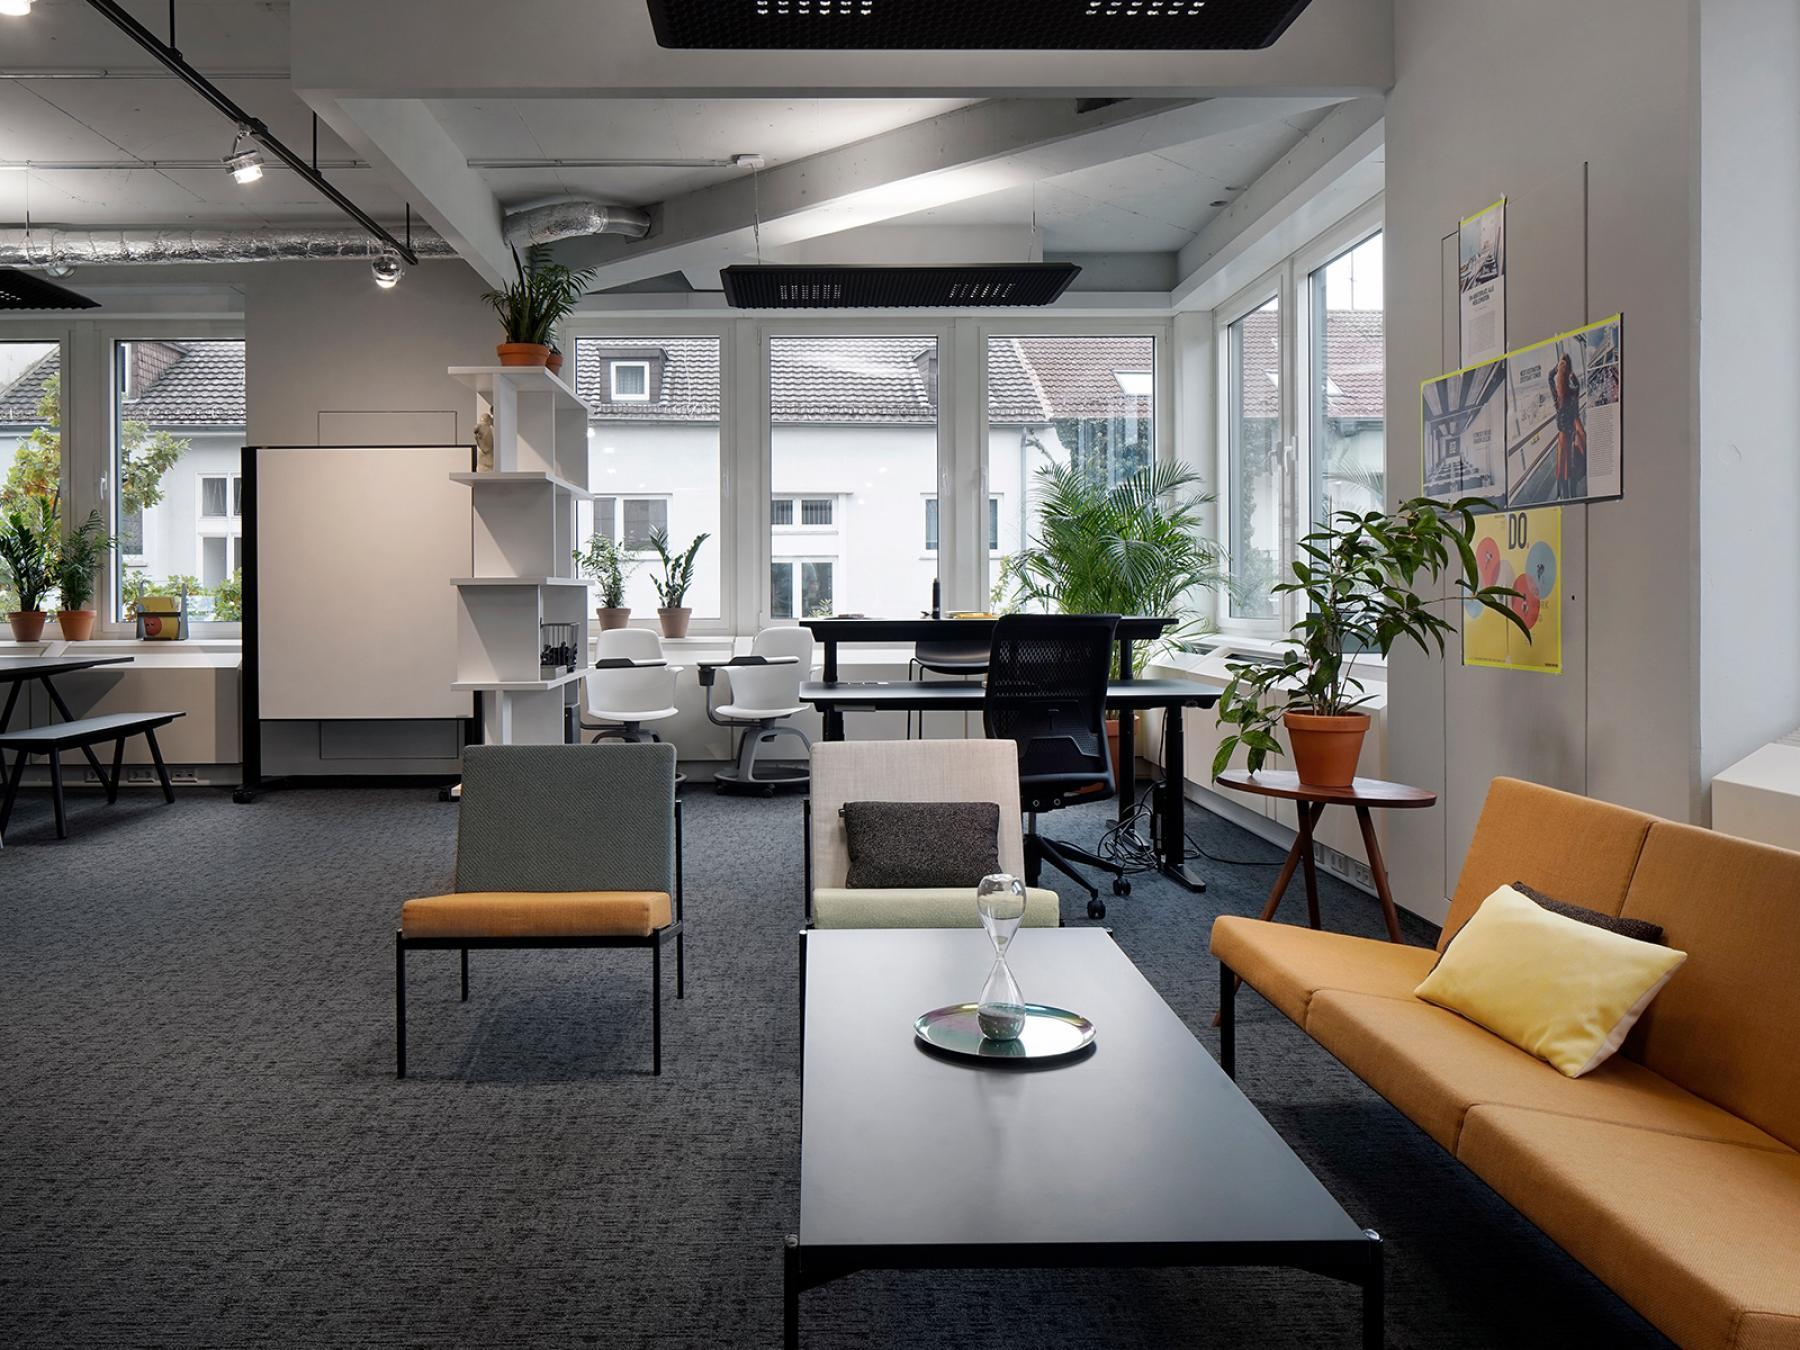 Moderner Büroraum mit gemütlicher Sitzecke